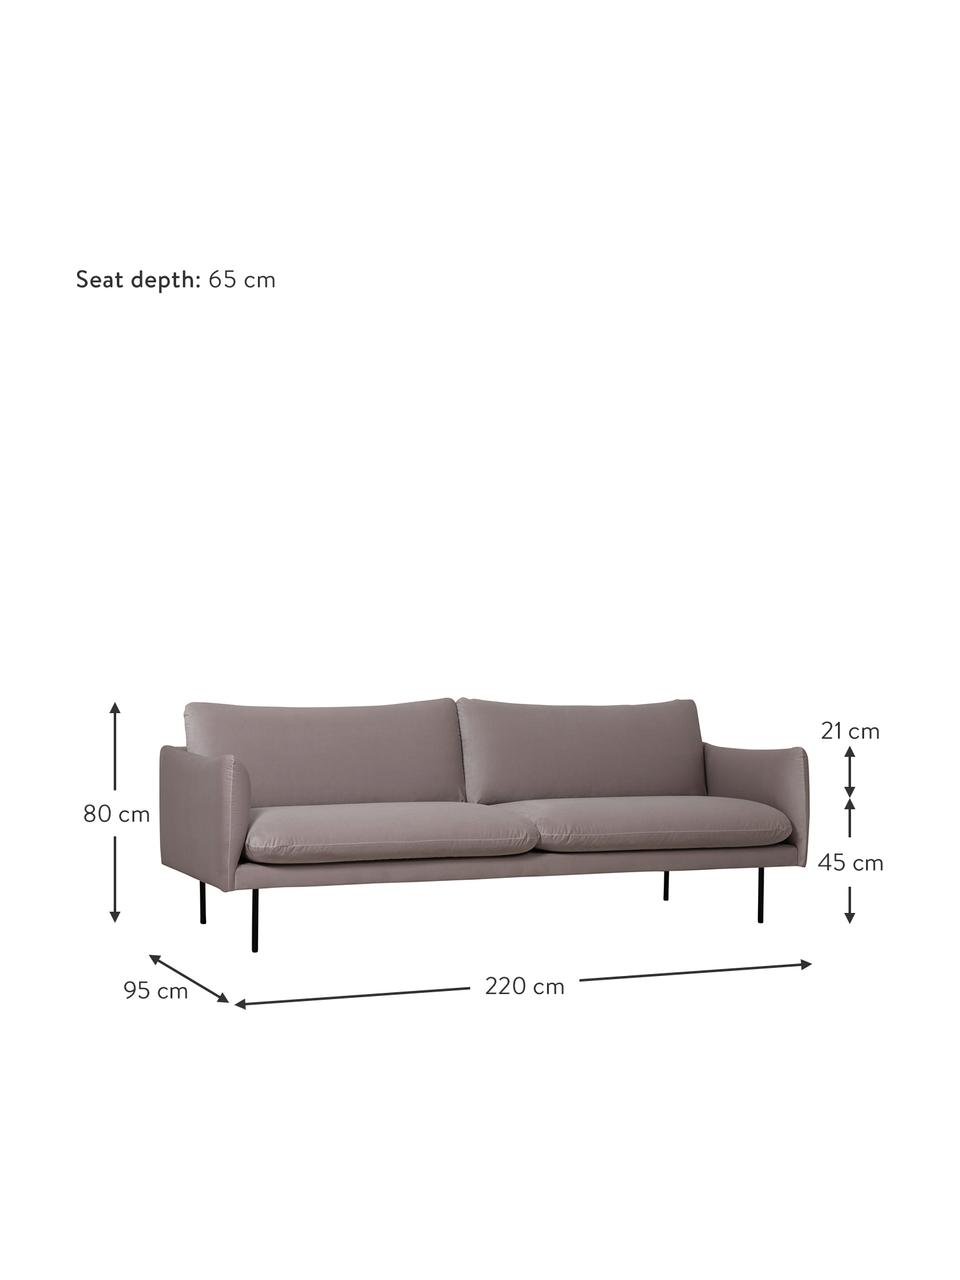 Samt-Sofa Moby (3-Sitzer) in Taupe mit Metall-Füßen, Bezug: Samt (Hochwertiger Polyes, Gestell: Massives Kiefernholz, Füße: Metall, pulverbeschichtet, Samt Taupe, B 220 x T 95 cm